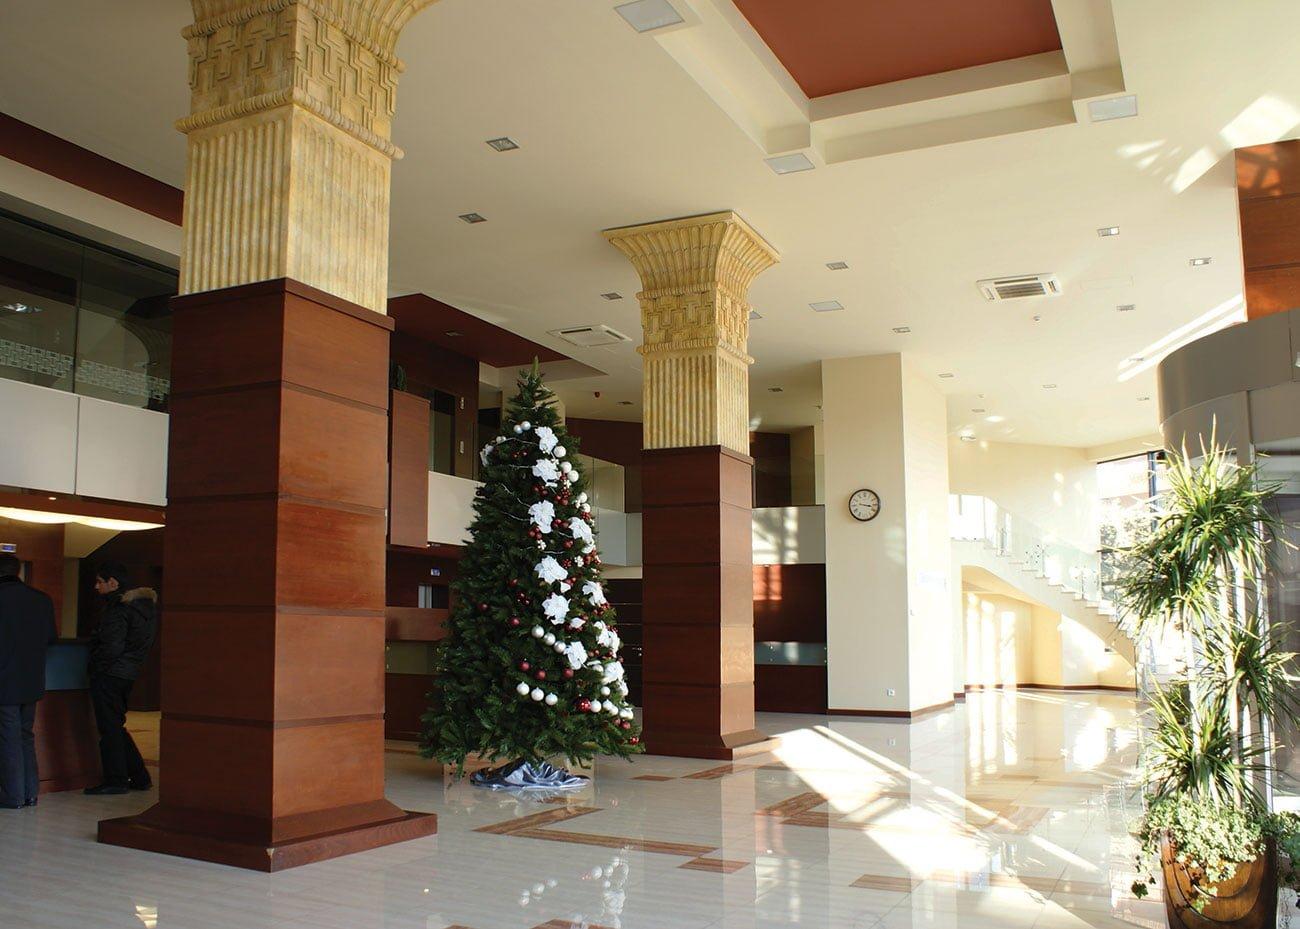 холл с высокими потолками в ЭРЕБУНИ ПЛАЗА Бизнес центр класса люкс